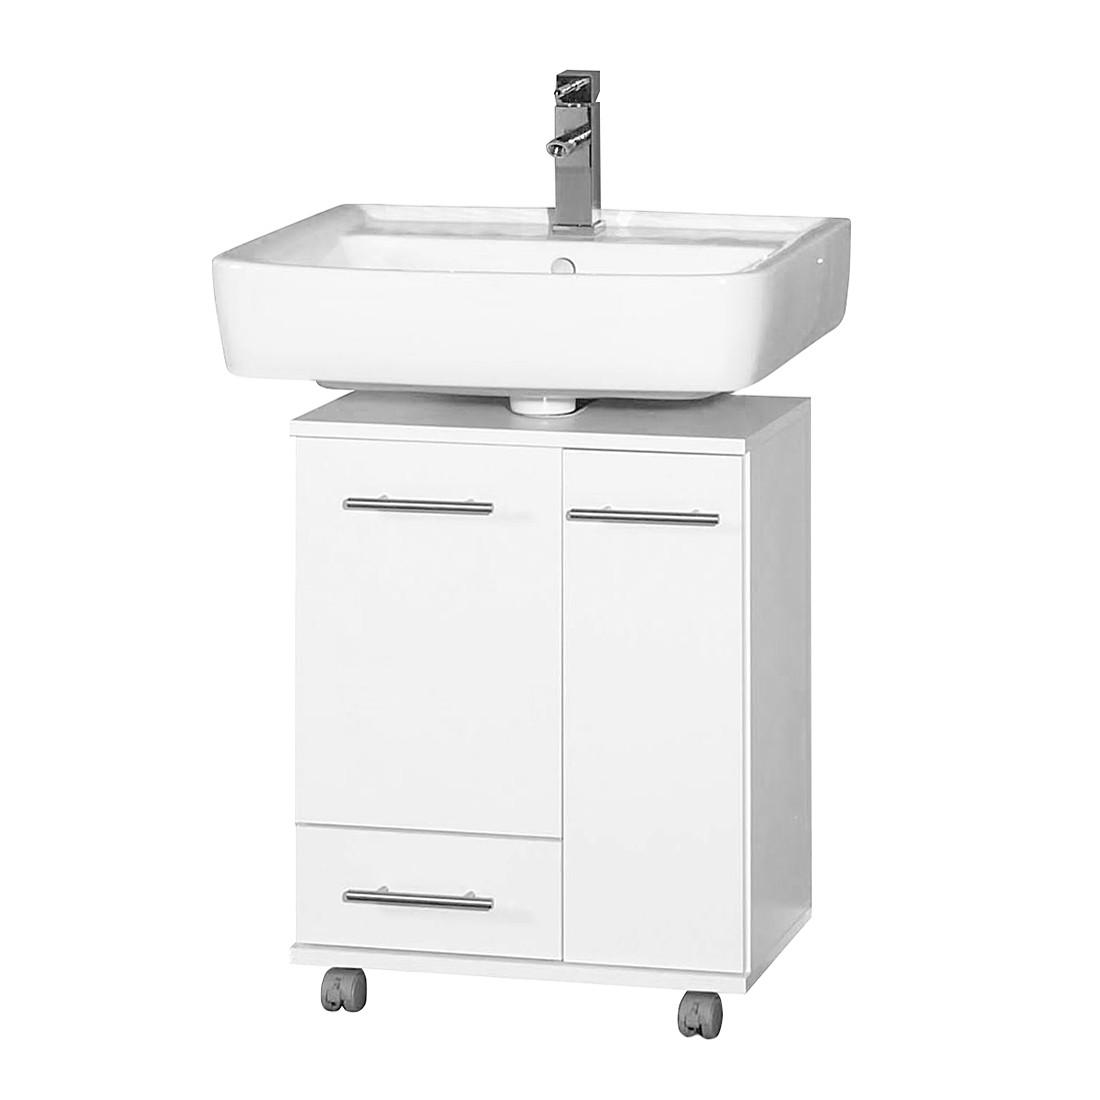 Waschbeckenunterschrank Ottawa – Mit einem Schubkasten – Weiss perl, Giessbach jetzt kaufen